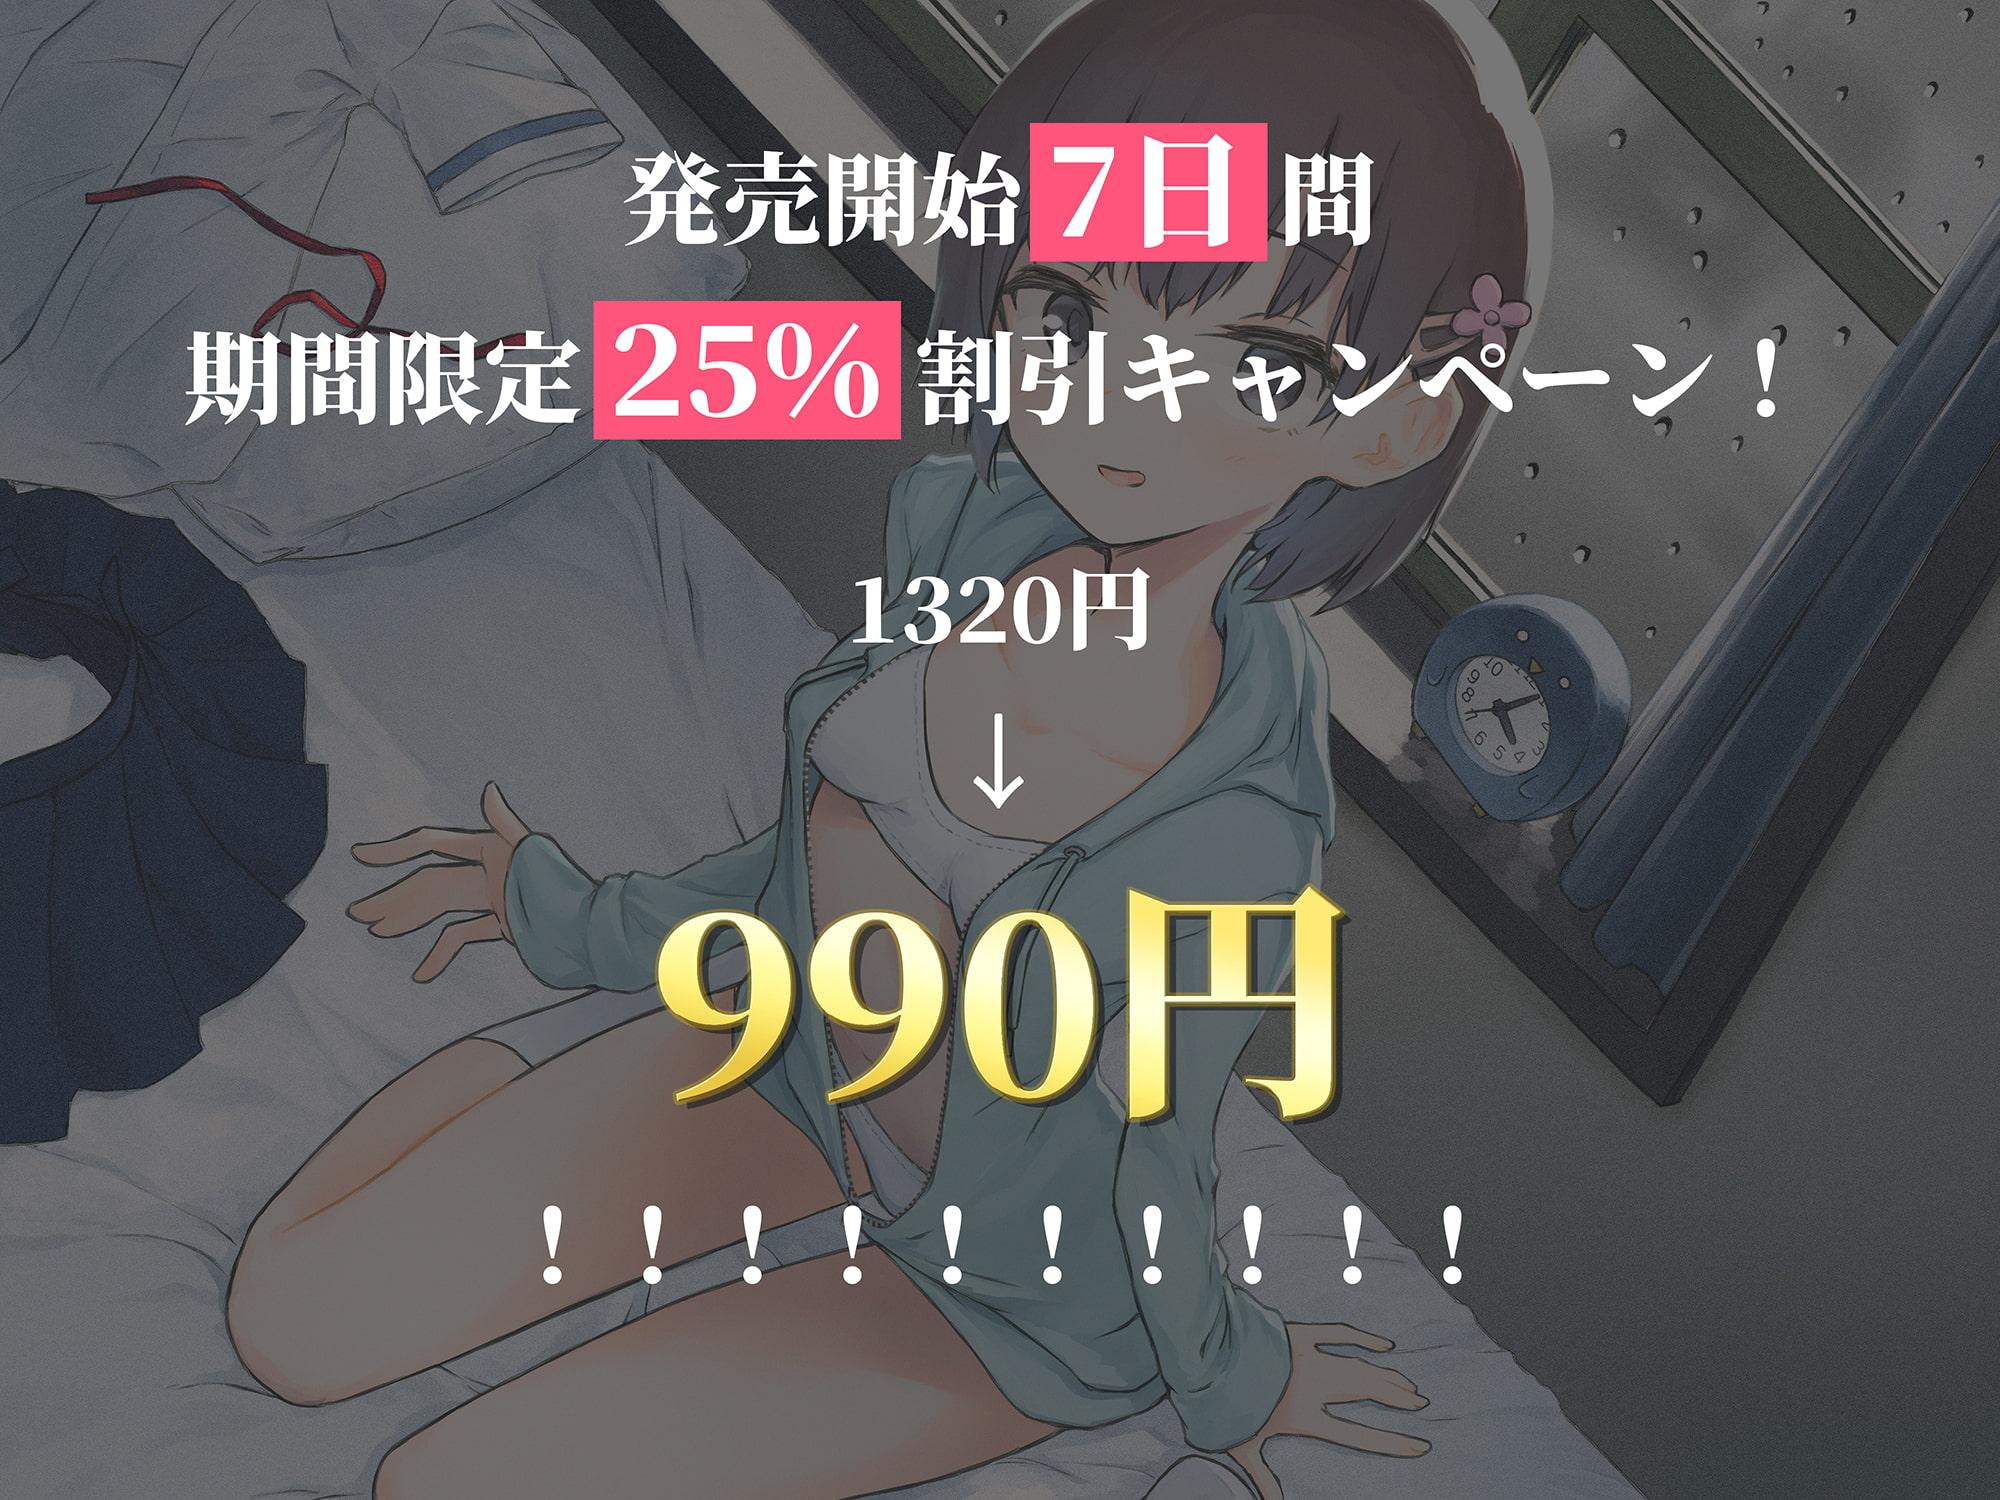 【KU100 癒し催眠】超リアル快感 ? ! ! 思春期の妹とのあまあま初セックス~ [クリームパイ]